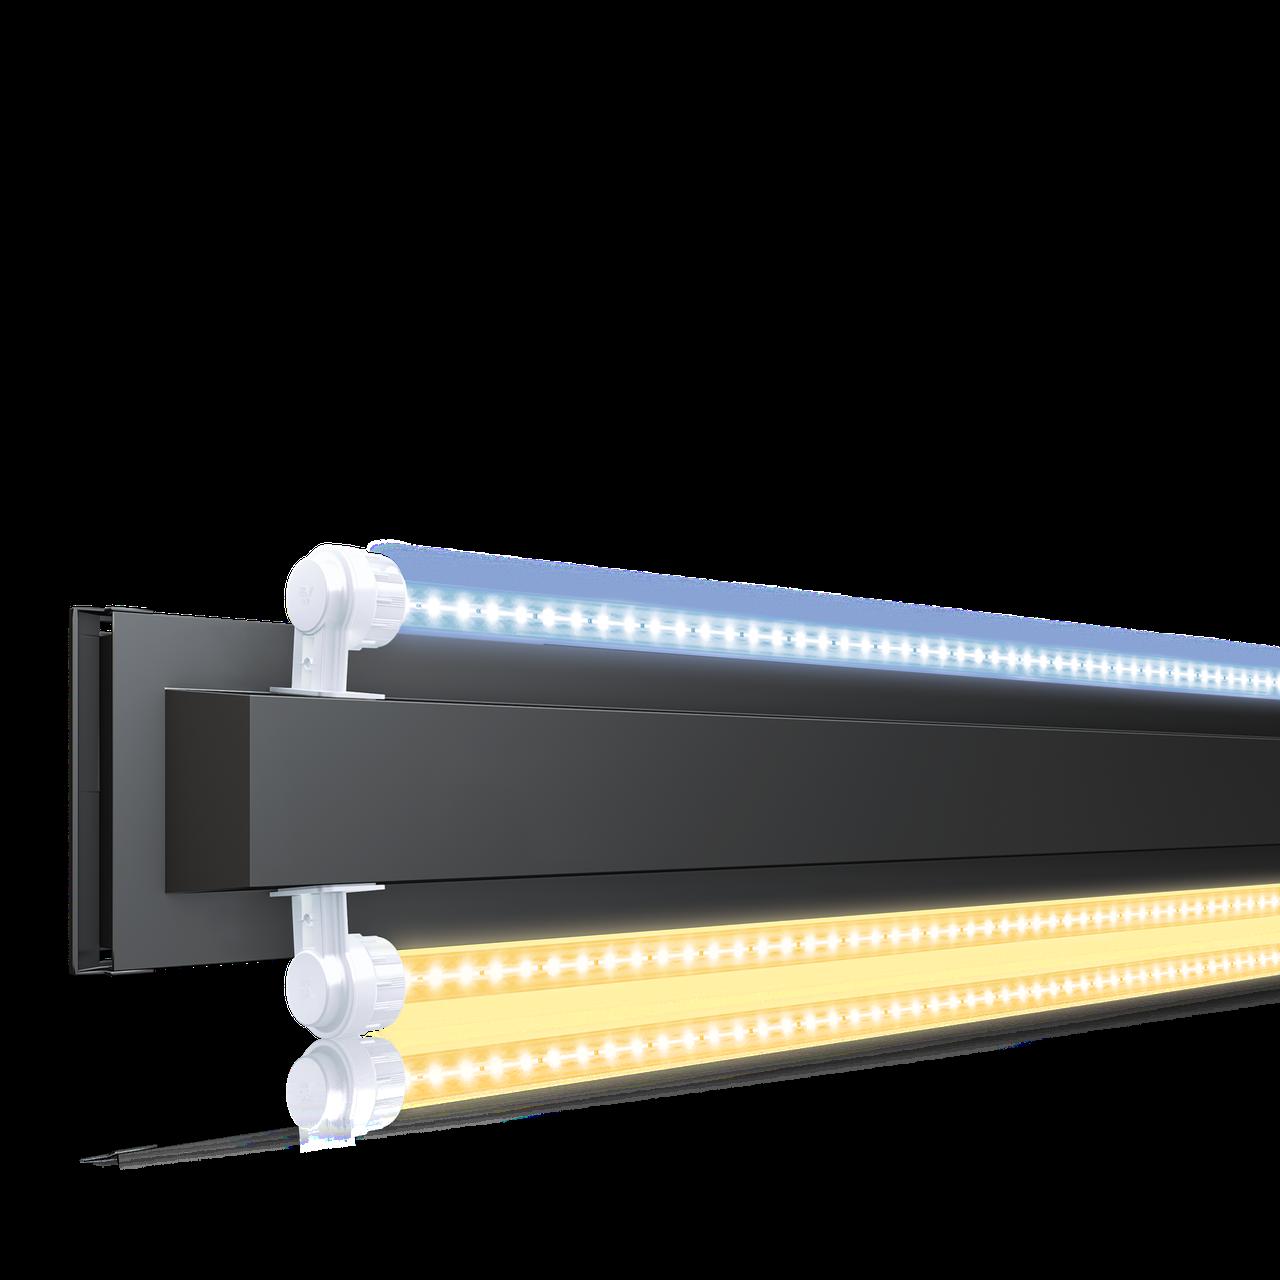 Освітлювальна балка Juwel 55 см MultiLux LED Light Unit 2x12w